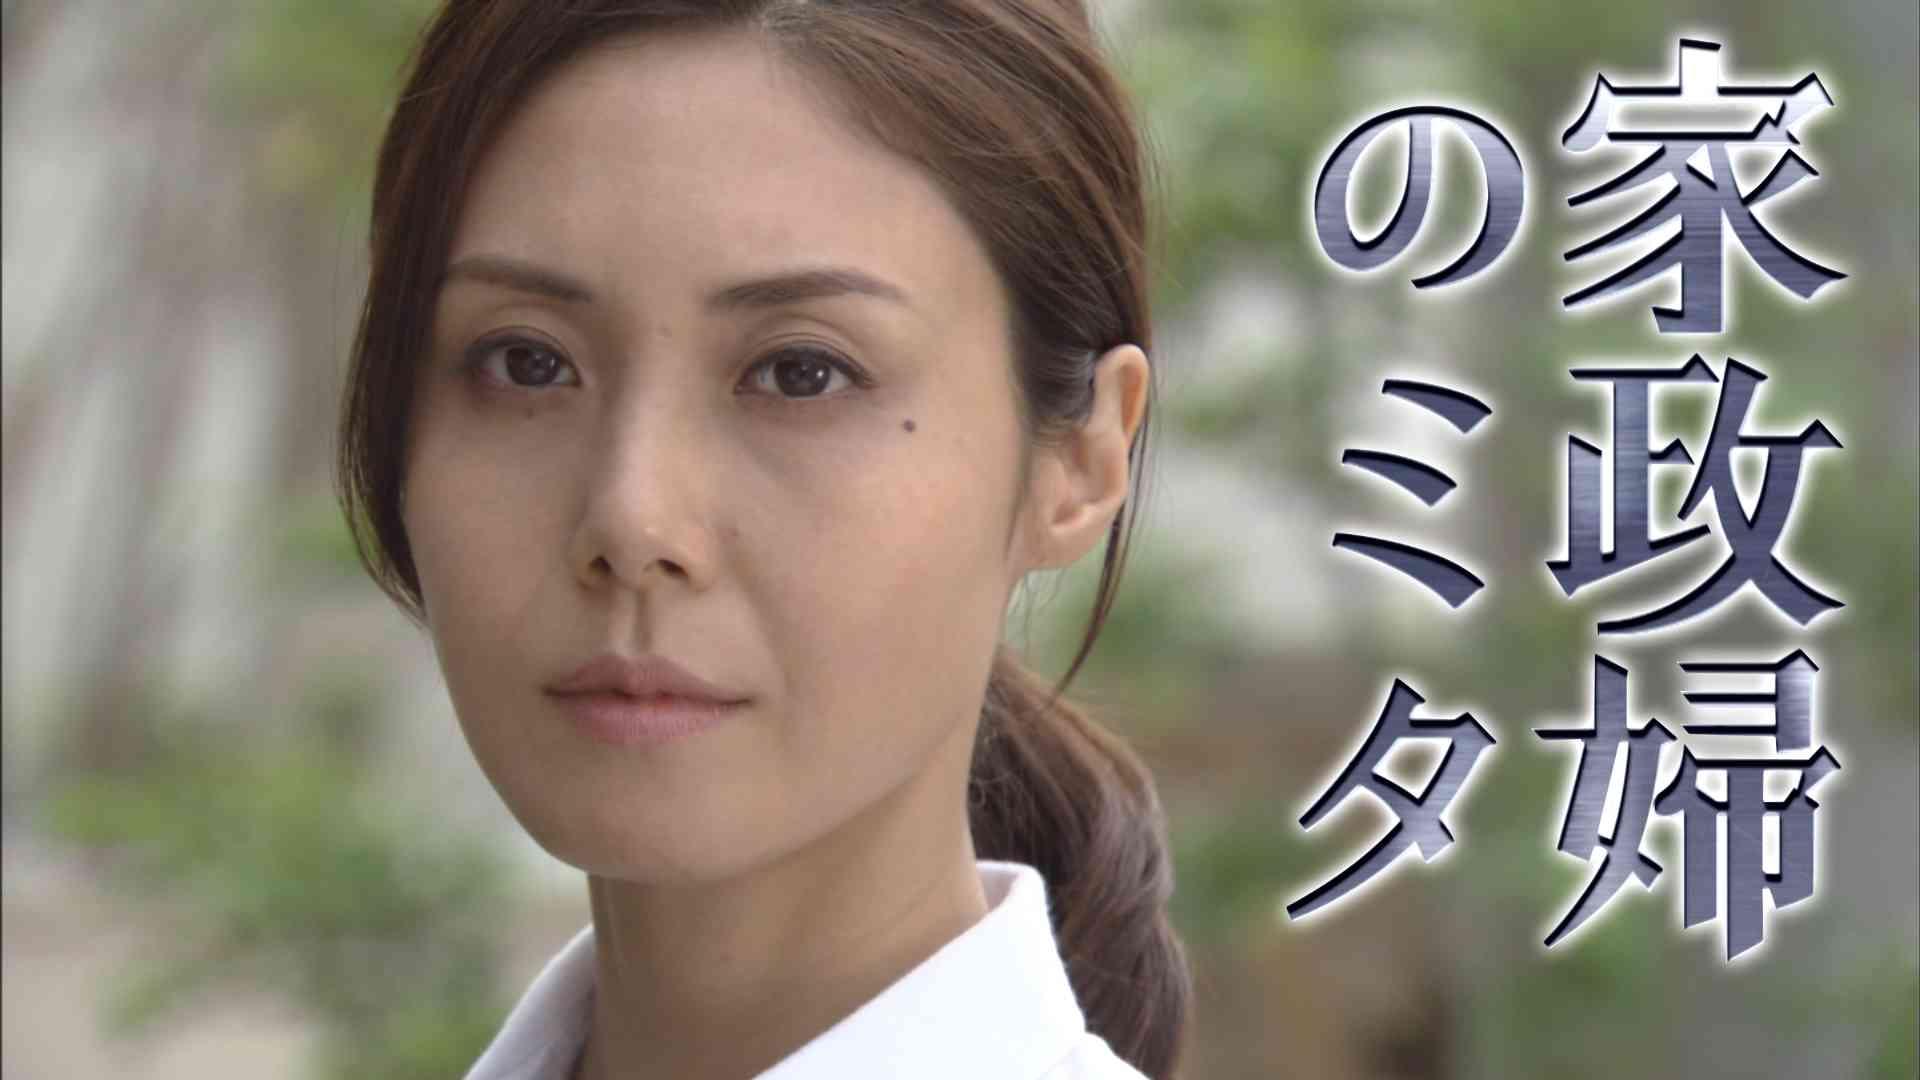 『家政婦のミタ』伝説のドラマが終了後初の再放送 阿須田家の子どもも1年ぶり集結